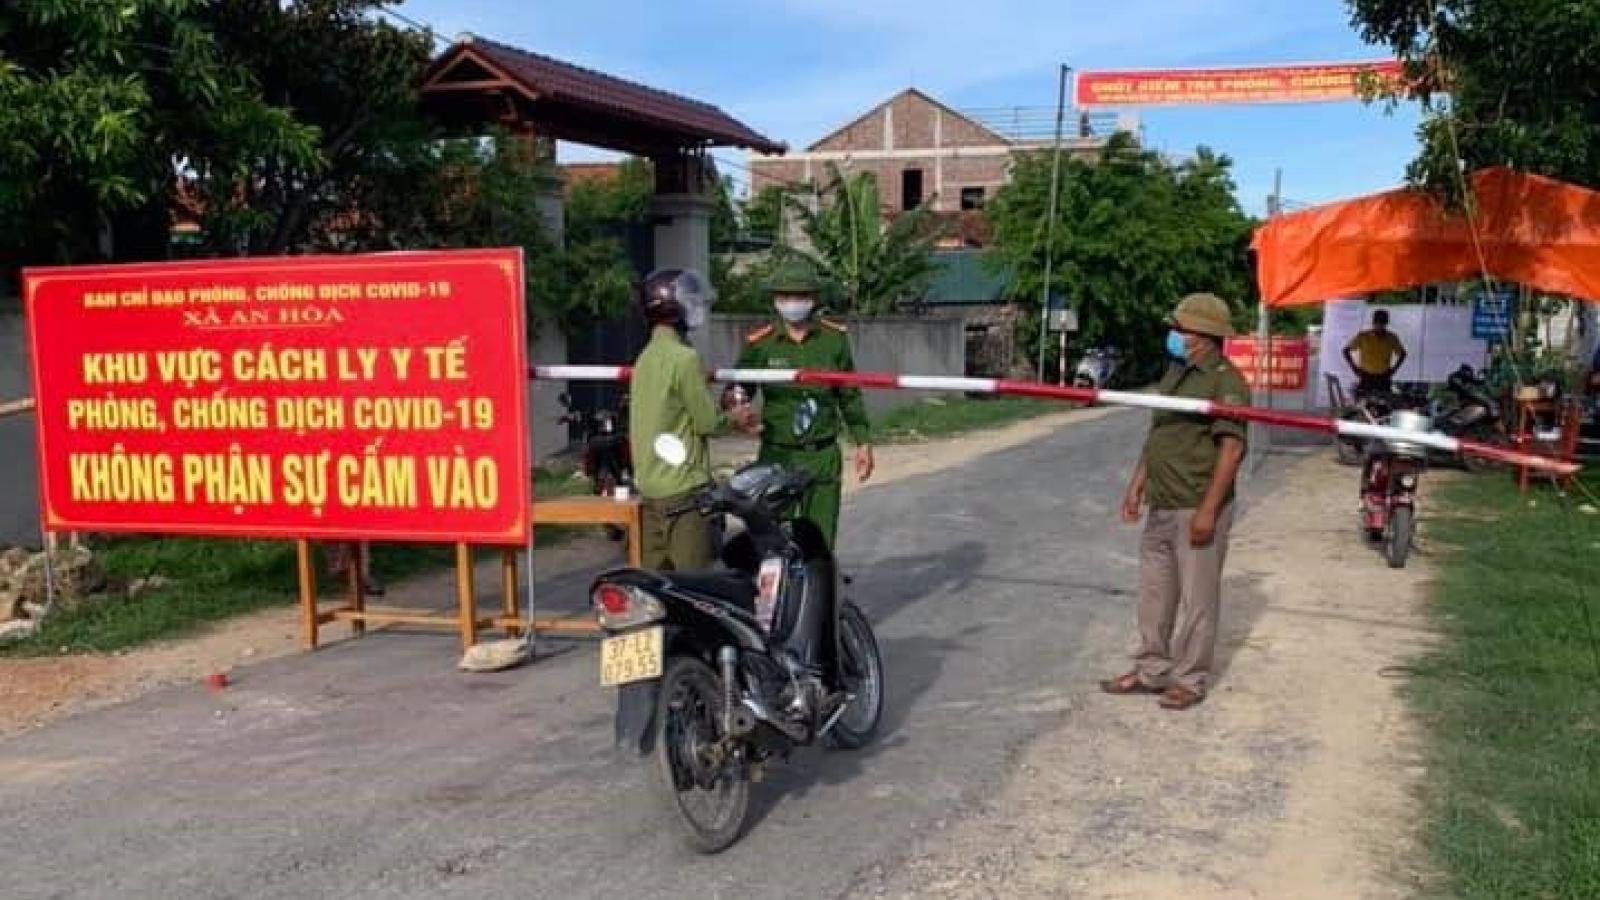 Sản phụ ở Nghệ An từng đến sinh tại Bệnh viện Minh An dương tính với SARS-CoV-2